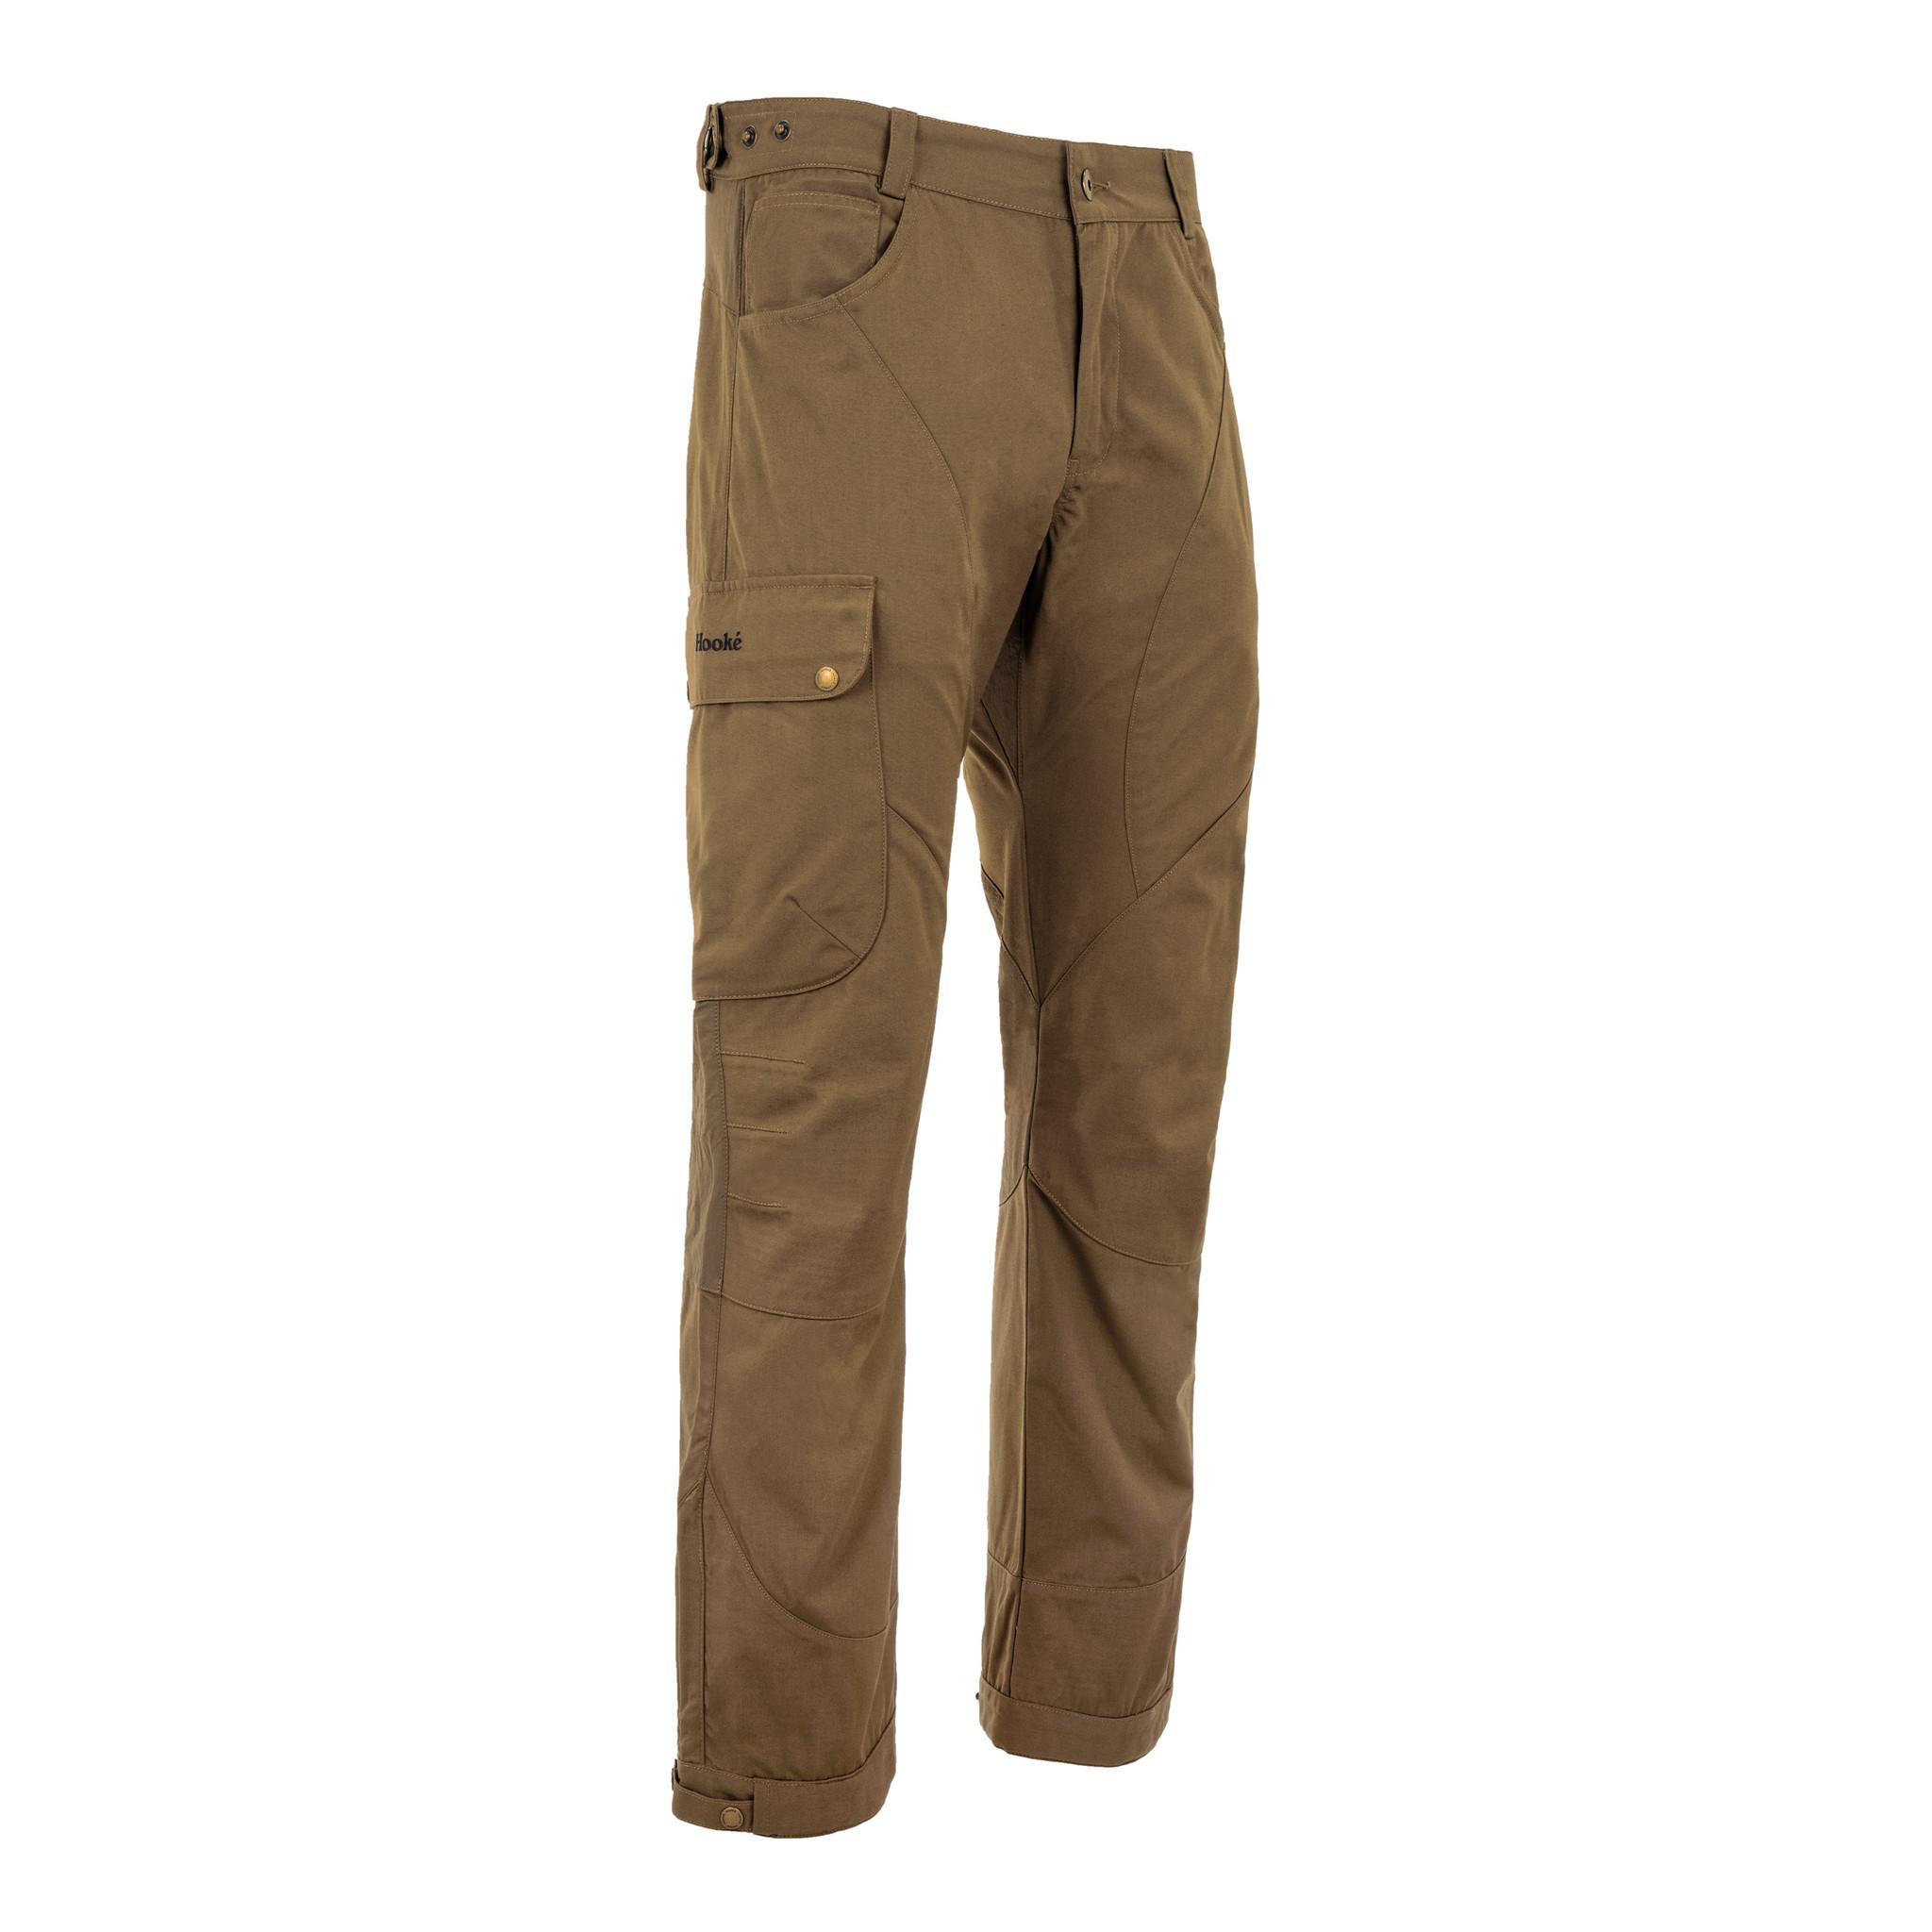 Outdoor pants Coyote